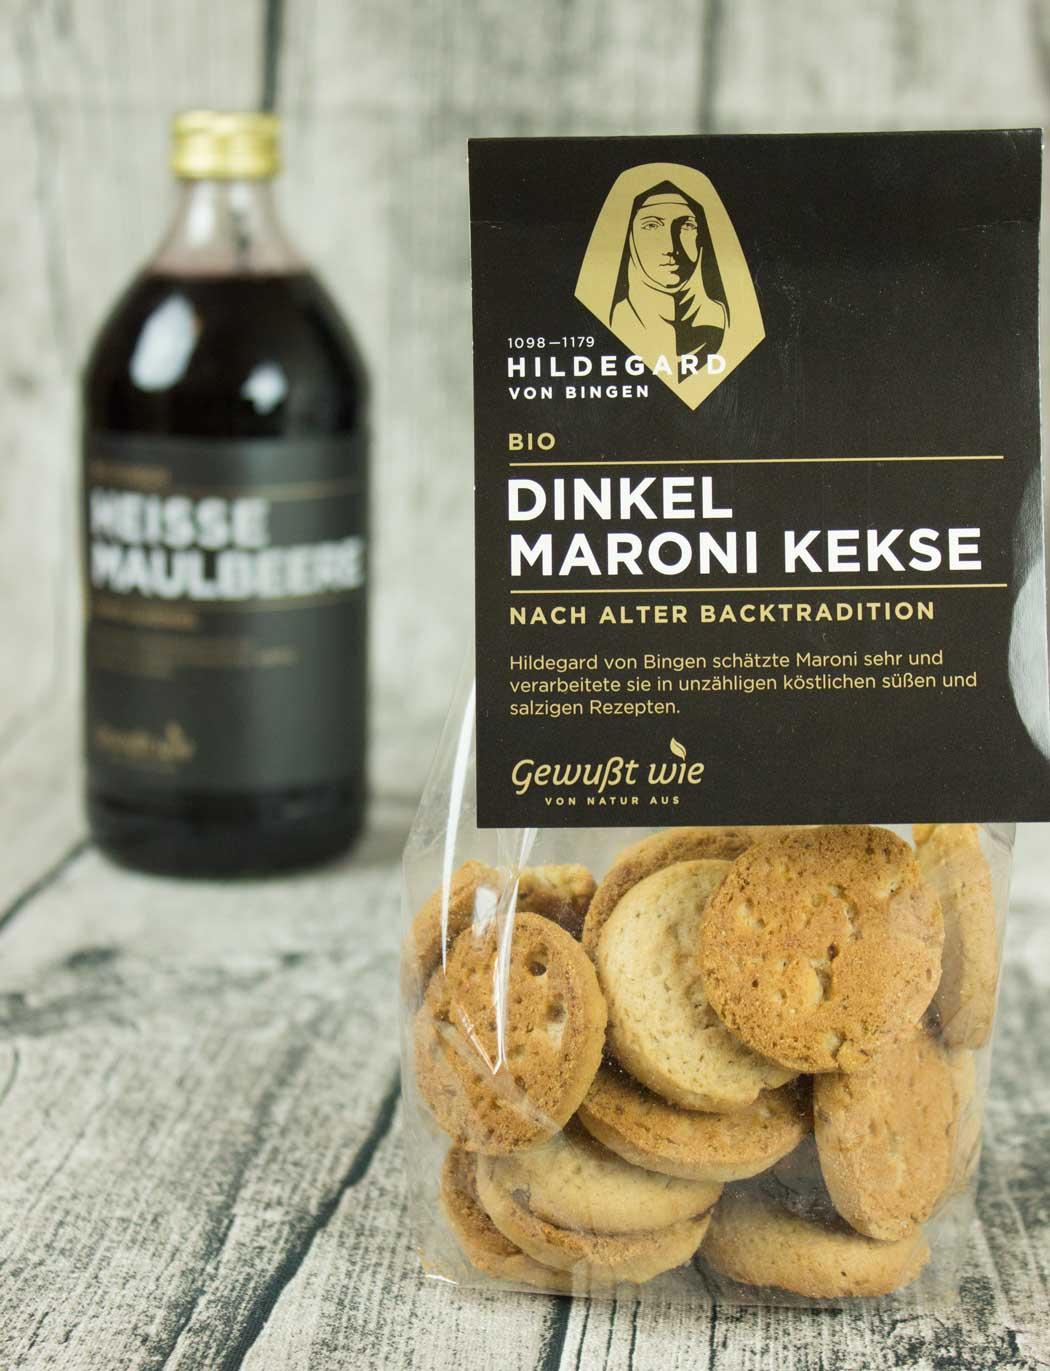 Dinkel_Maroni_Kekse | Hildegard von Bingen | Conny's Küchlein